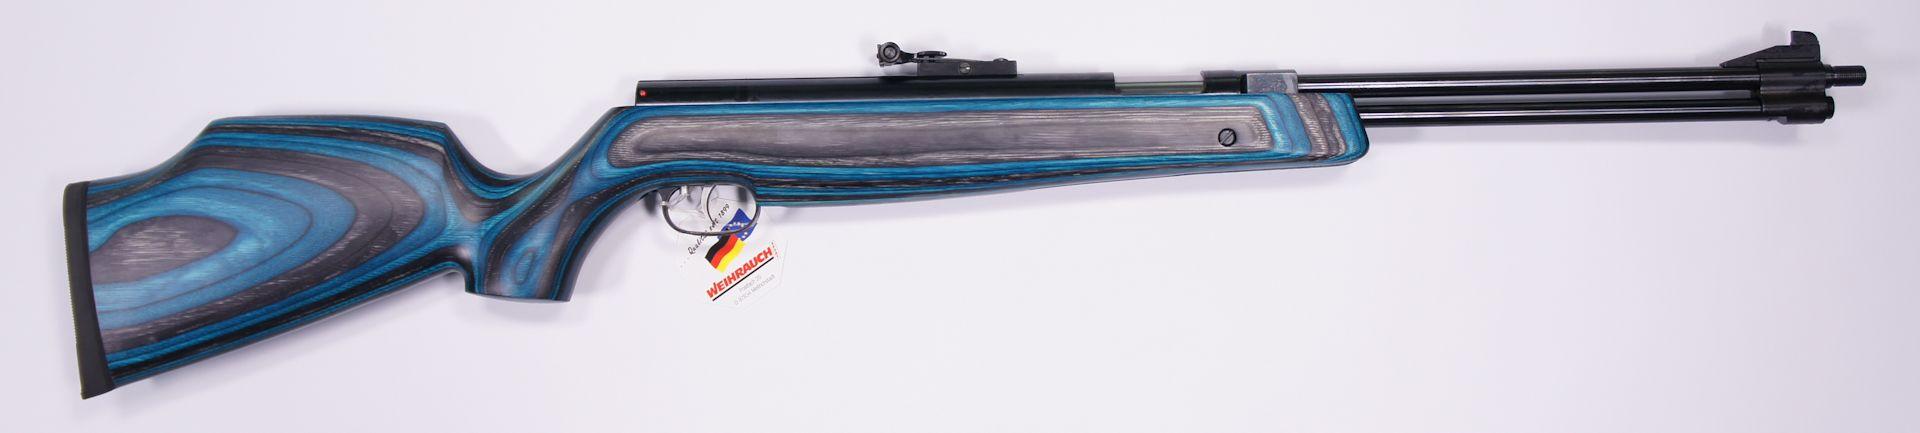 Luftgewehr HW 77 K mit Laufgewinde, Zieloptik von Walther, blauem Schichtholzschaft und Schalldämpfer